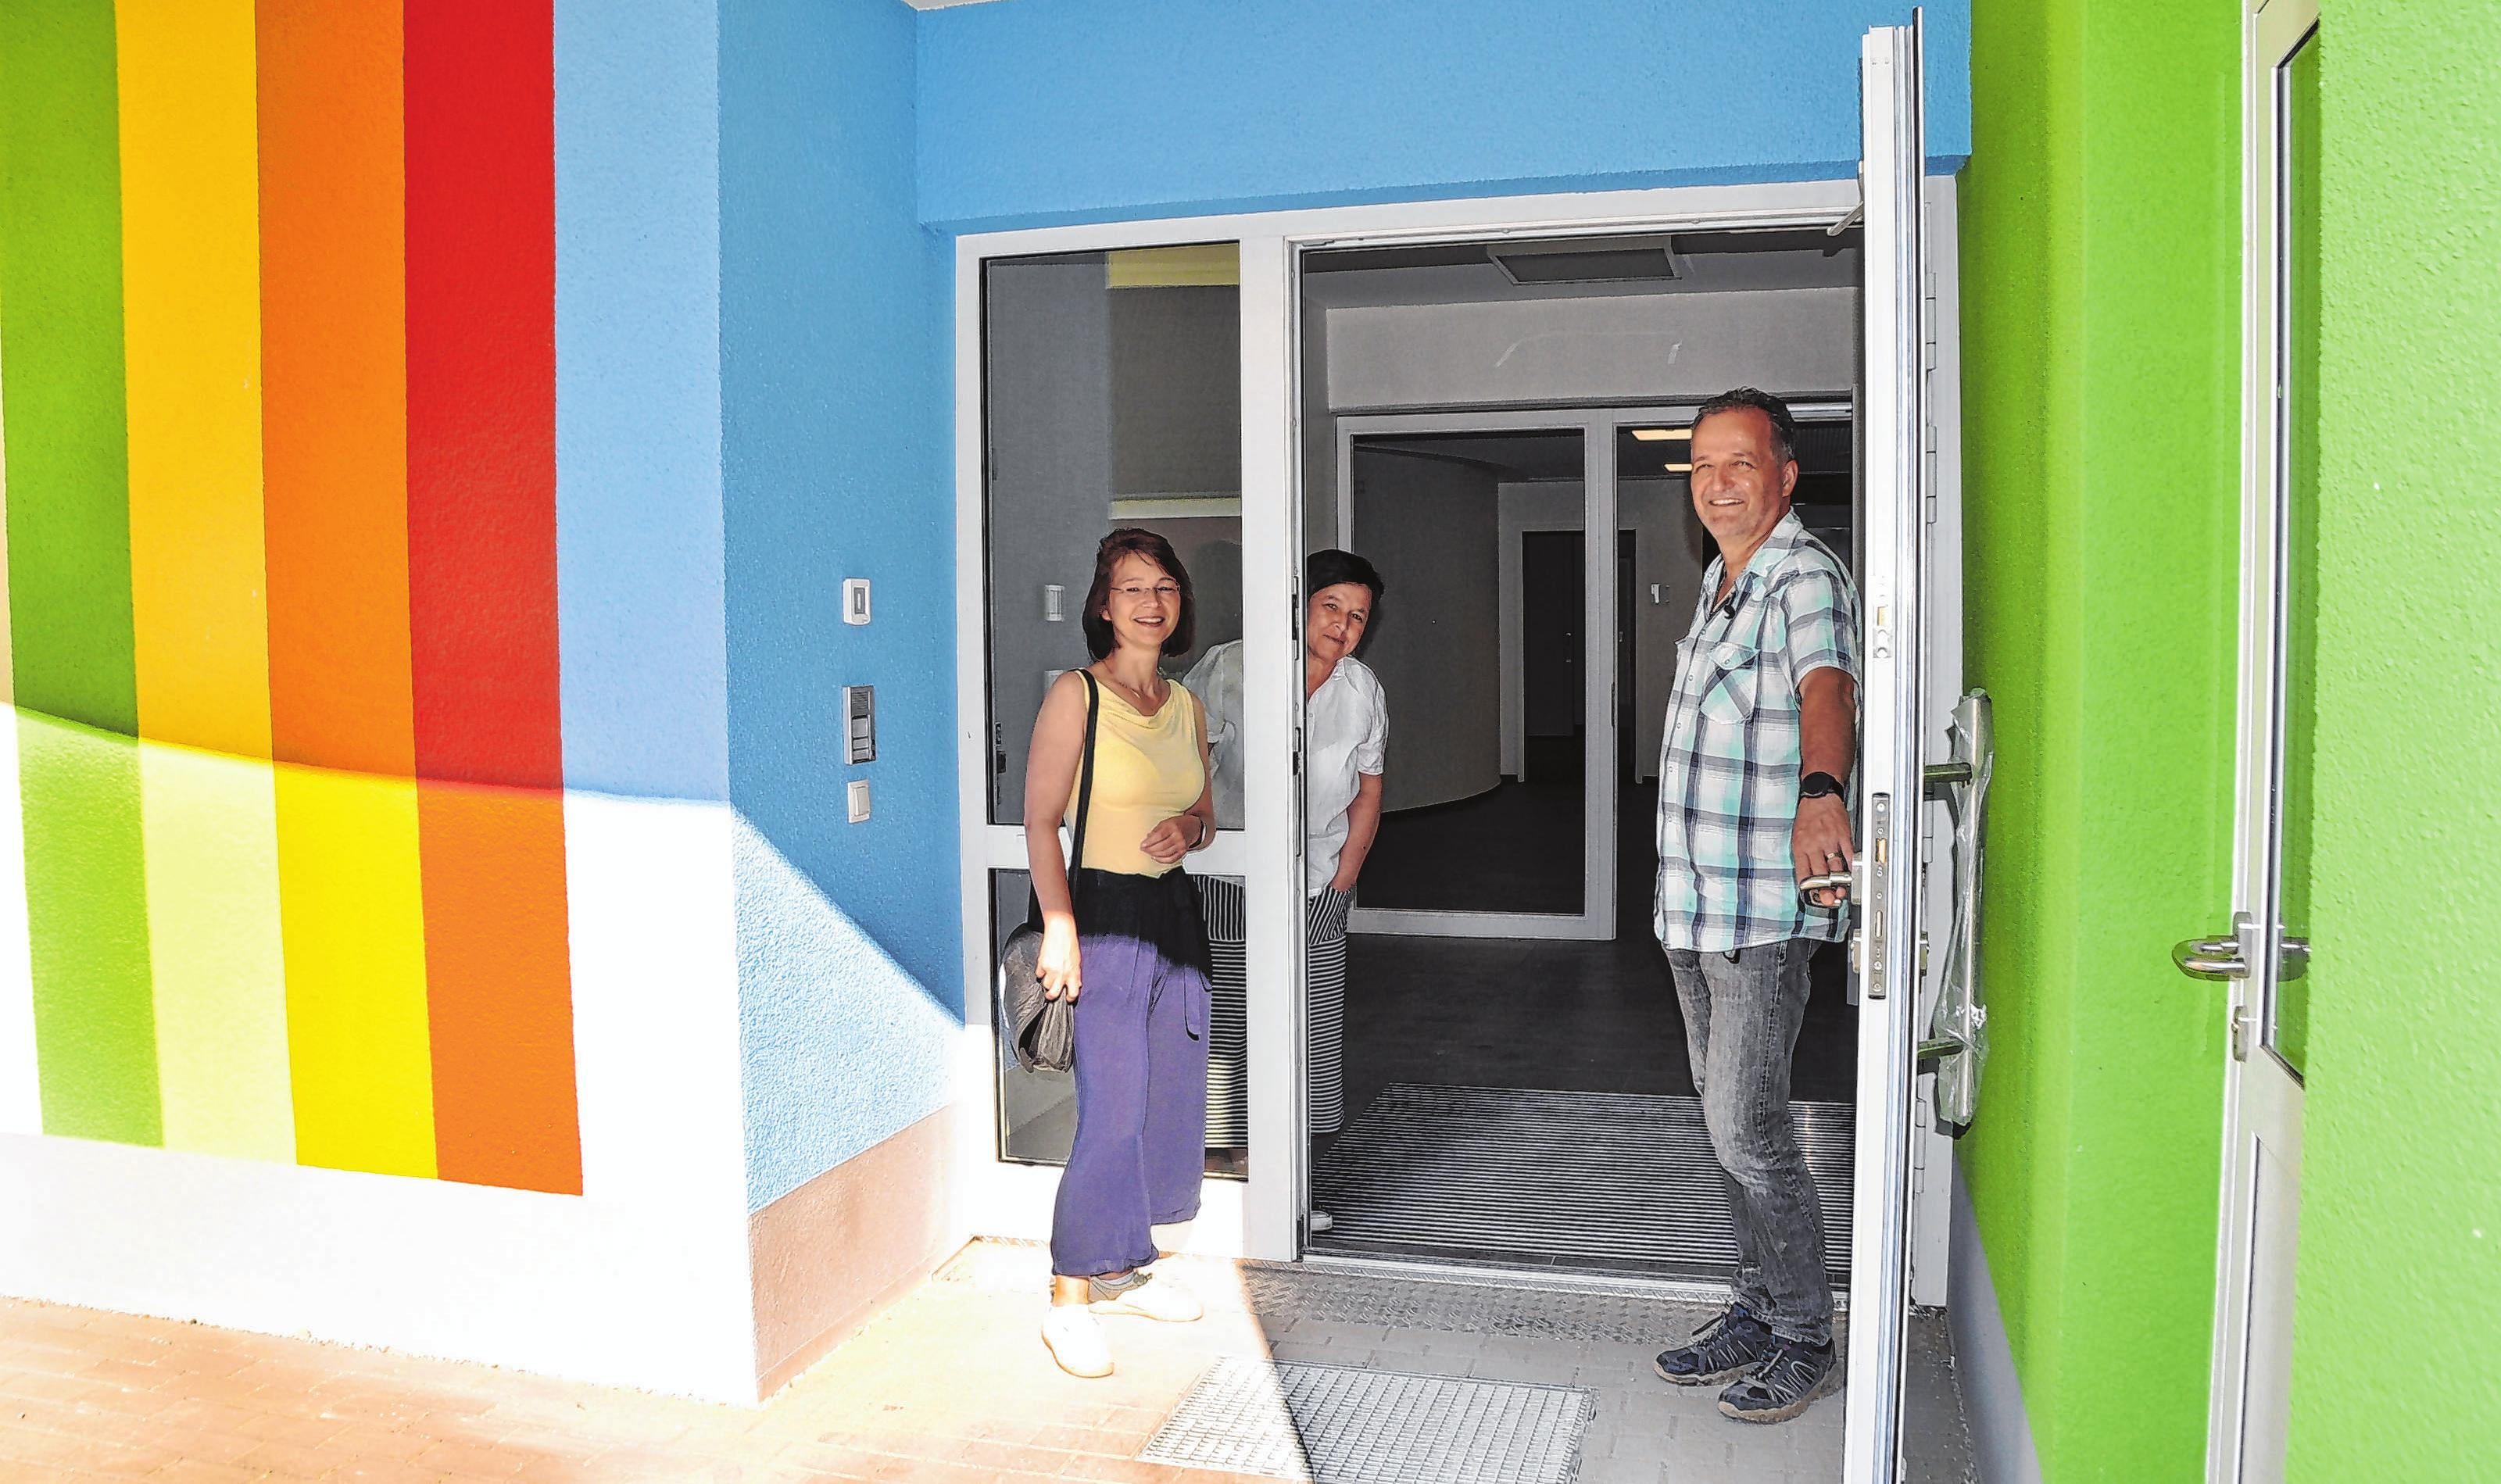 Simone Paetsch von der Wohnungswirtschaft GmbH, KitaLeiterin Annette Rutkowski und Thomas Schütte vom Fürstenwalder Ingenieurbüro Jürgen Schütte GmbH (v.l.n.r.) freuen sich schon auf die Eröffnung der neuen Kita